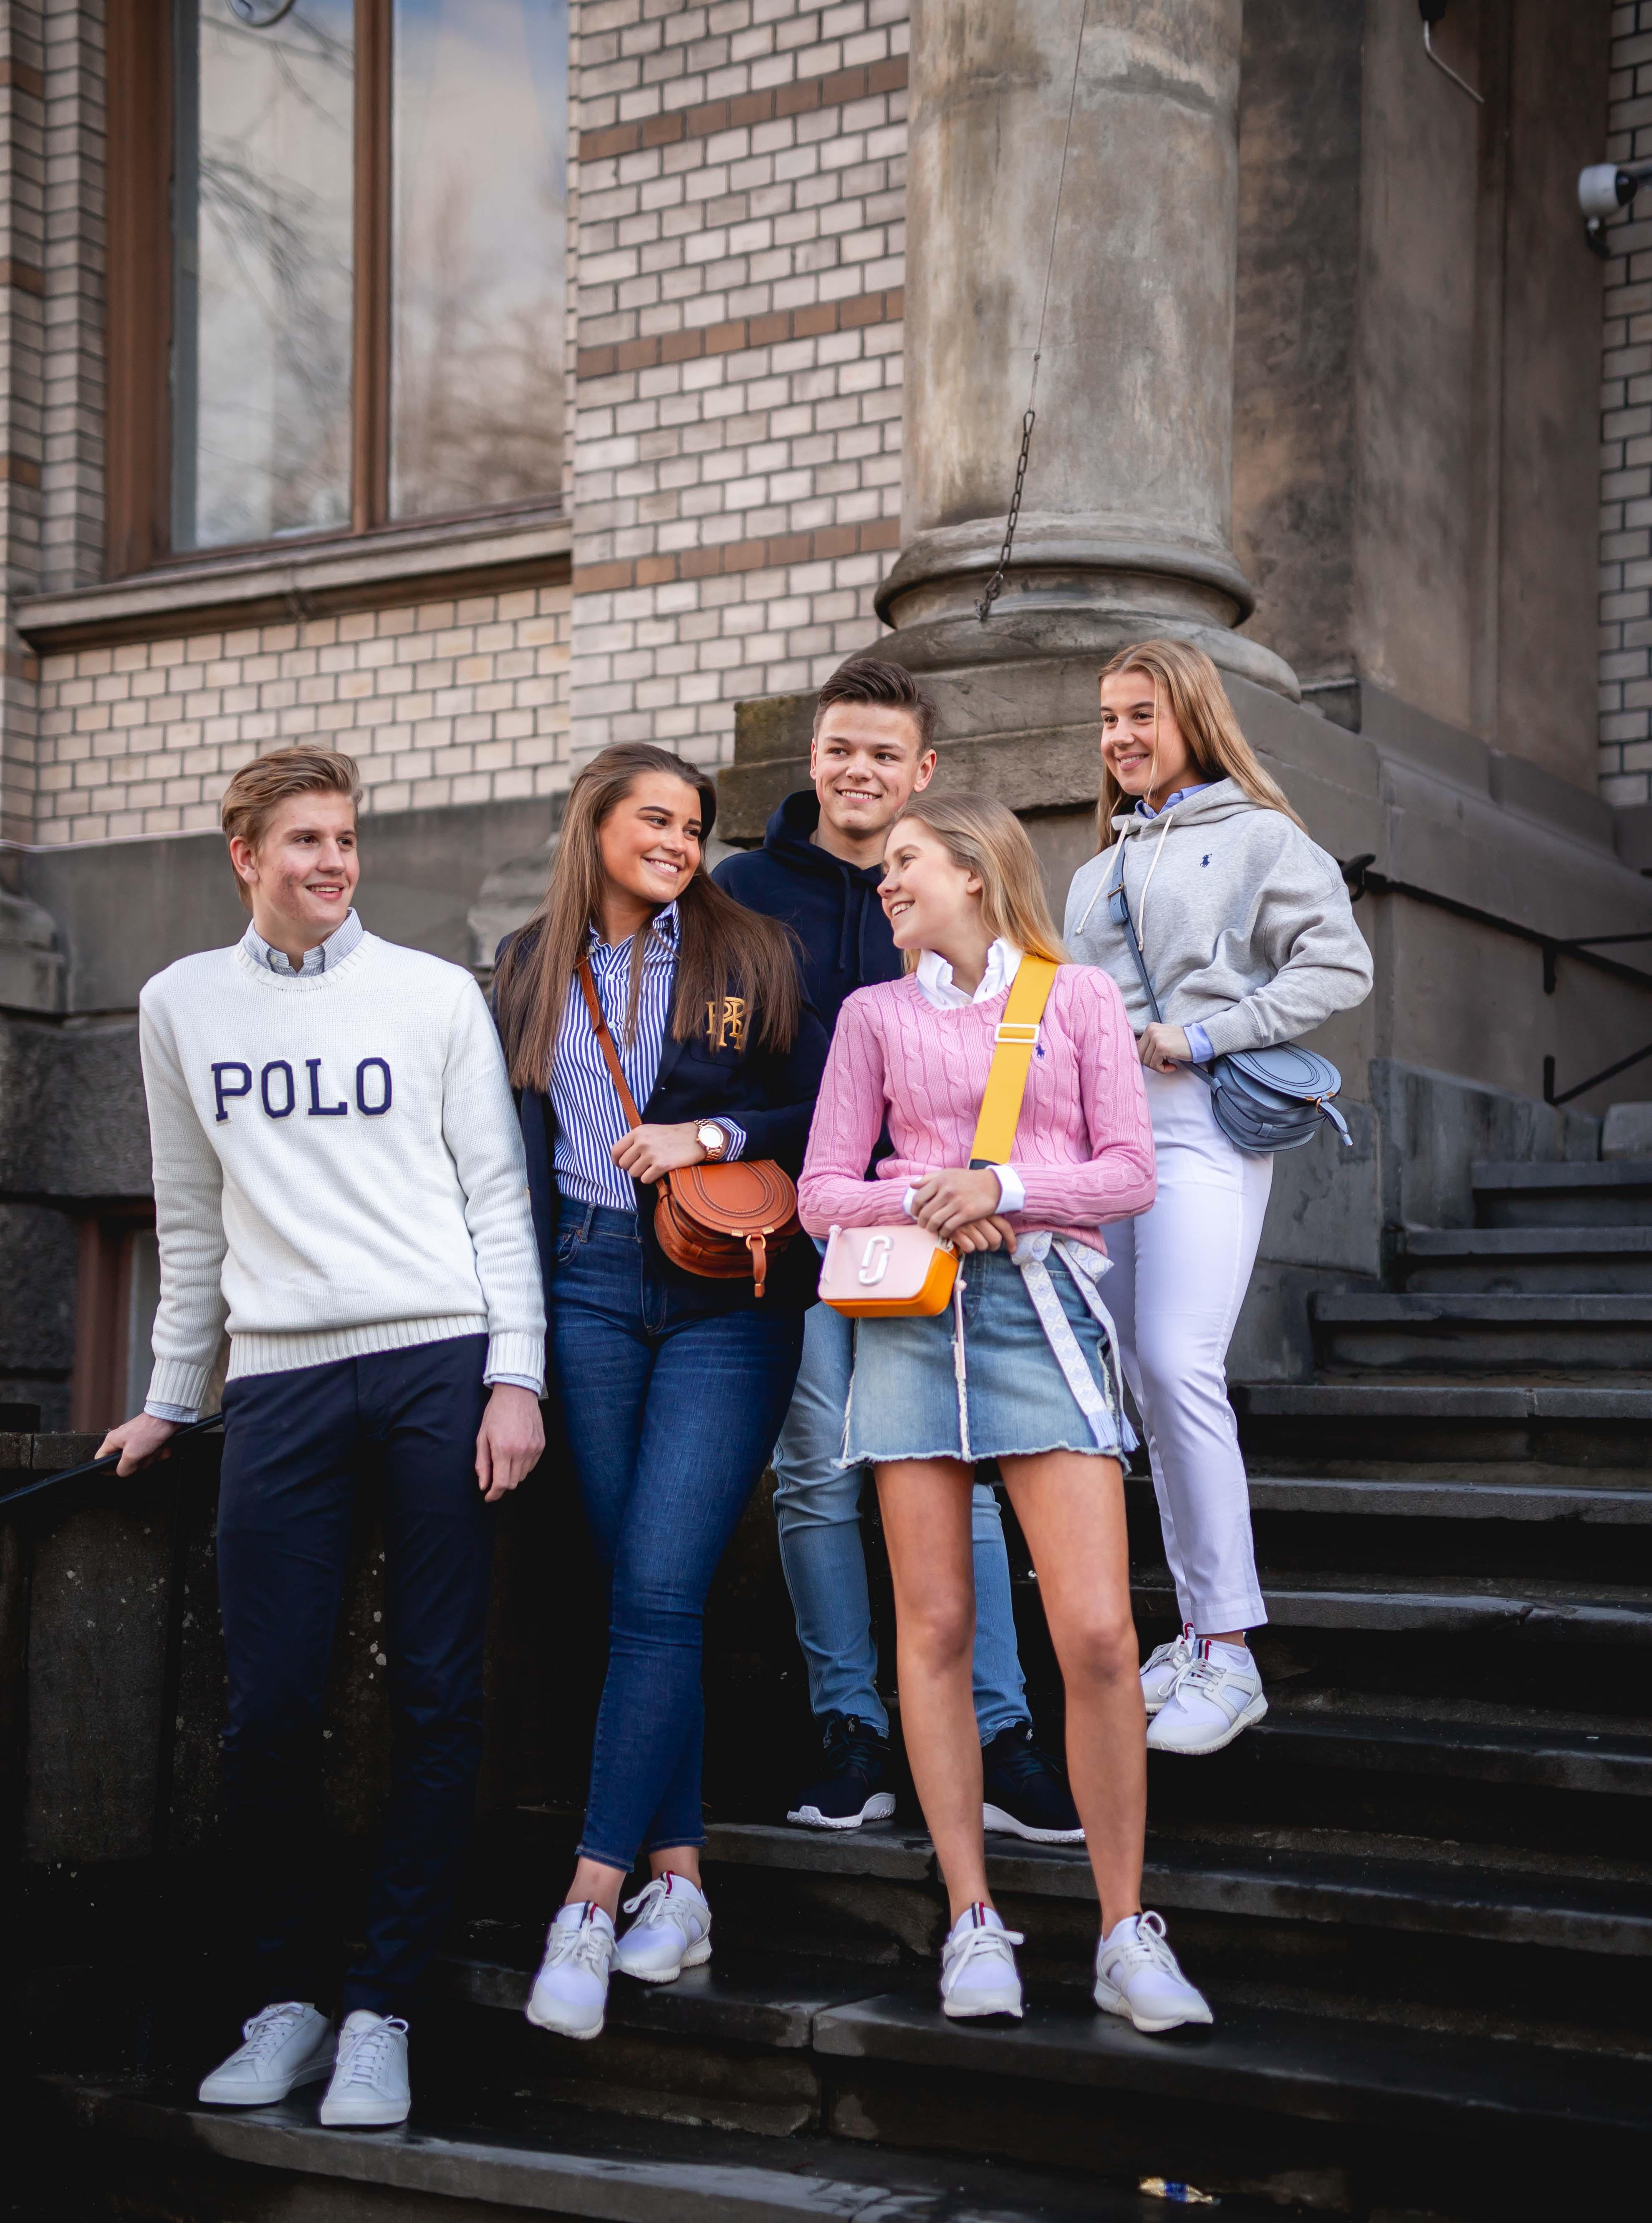 a4e81ccf Vi har mange fristelser i butikk som er helt perfekt til den kommende  tiden, og i dag vil vi vise frem det nyeste fra Polo Ralph Lauren til dame  og herre!